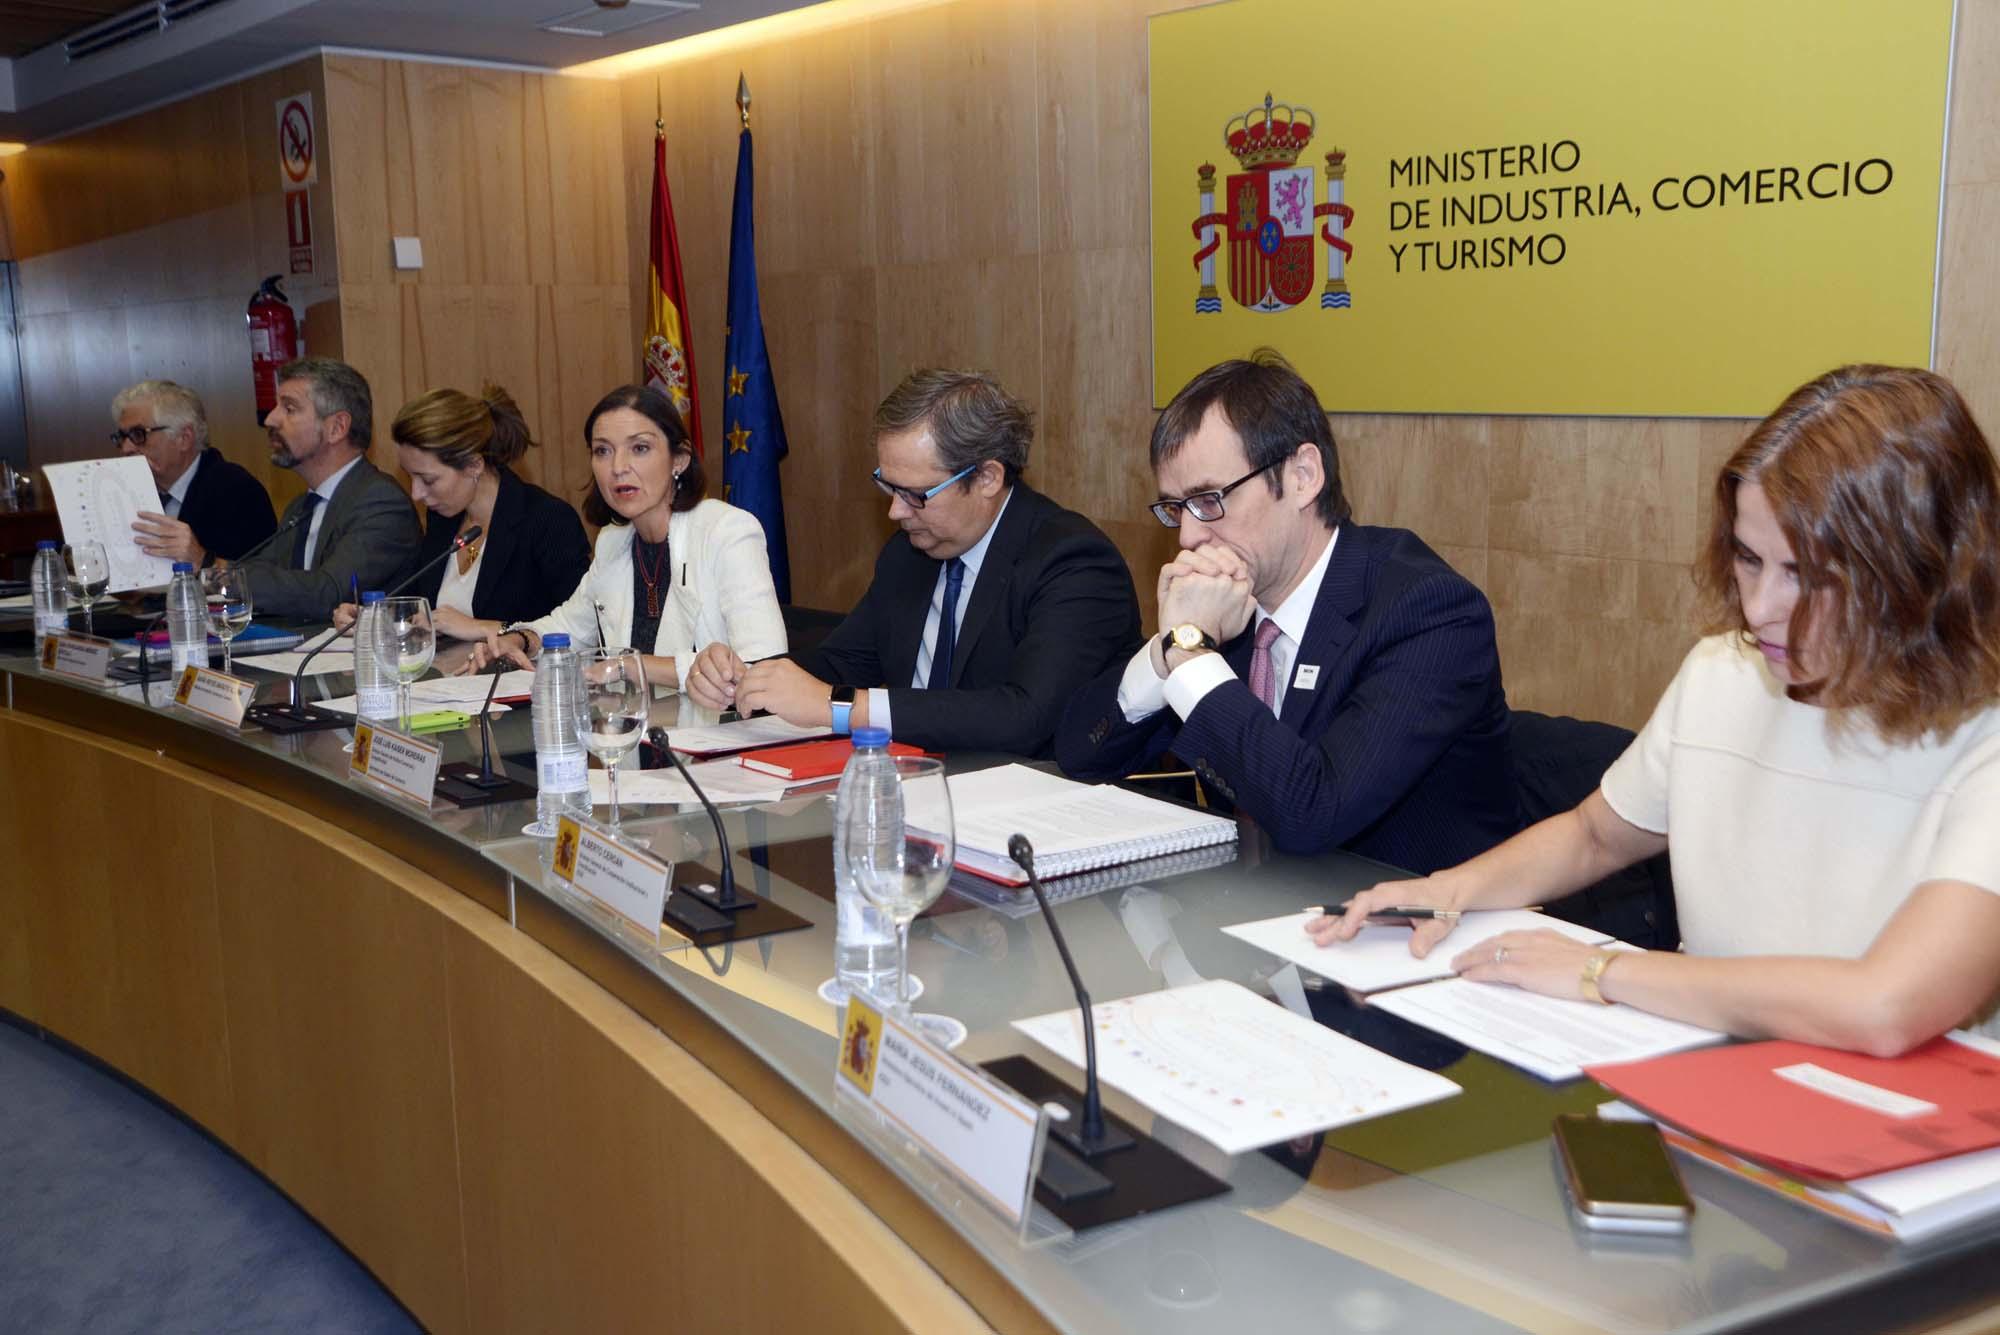 """Reyes Maroto: """"Hemos puesto en la agenda del Gobierno el comercio exterior para promocionar a las empresas españolas y atraer inversiones extranjeras"""""""